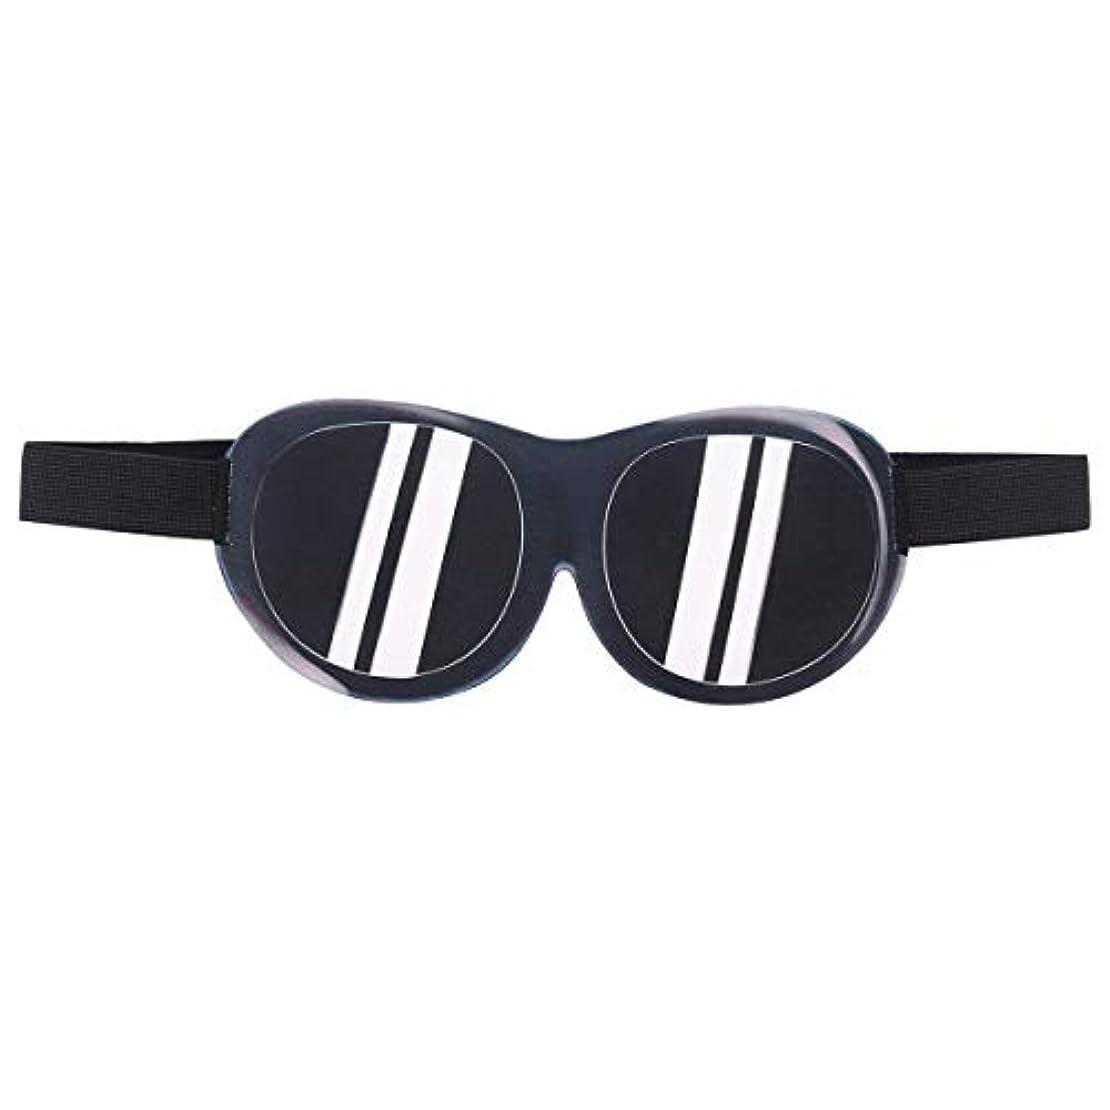 強い宇宙飛行士涙が出るSUPVOX 面白いアイシェード3Dスリープマスクブラインドパッチアイマスク目隠し